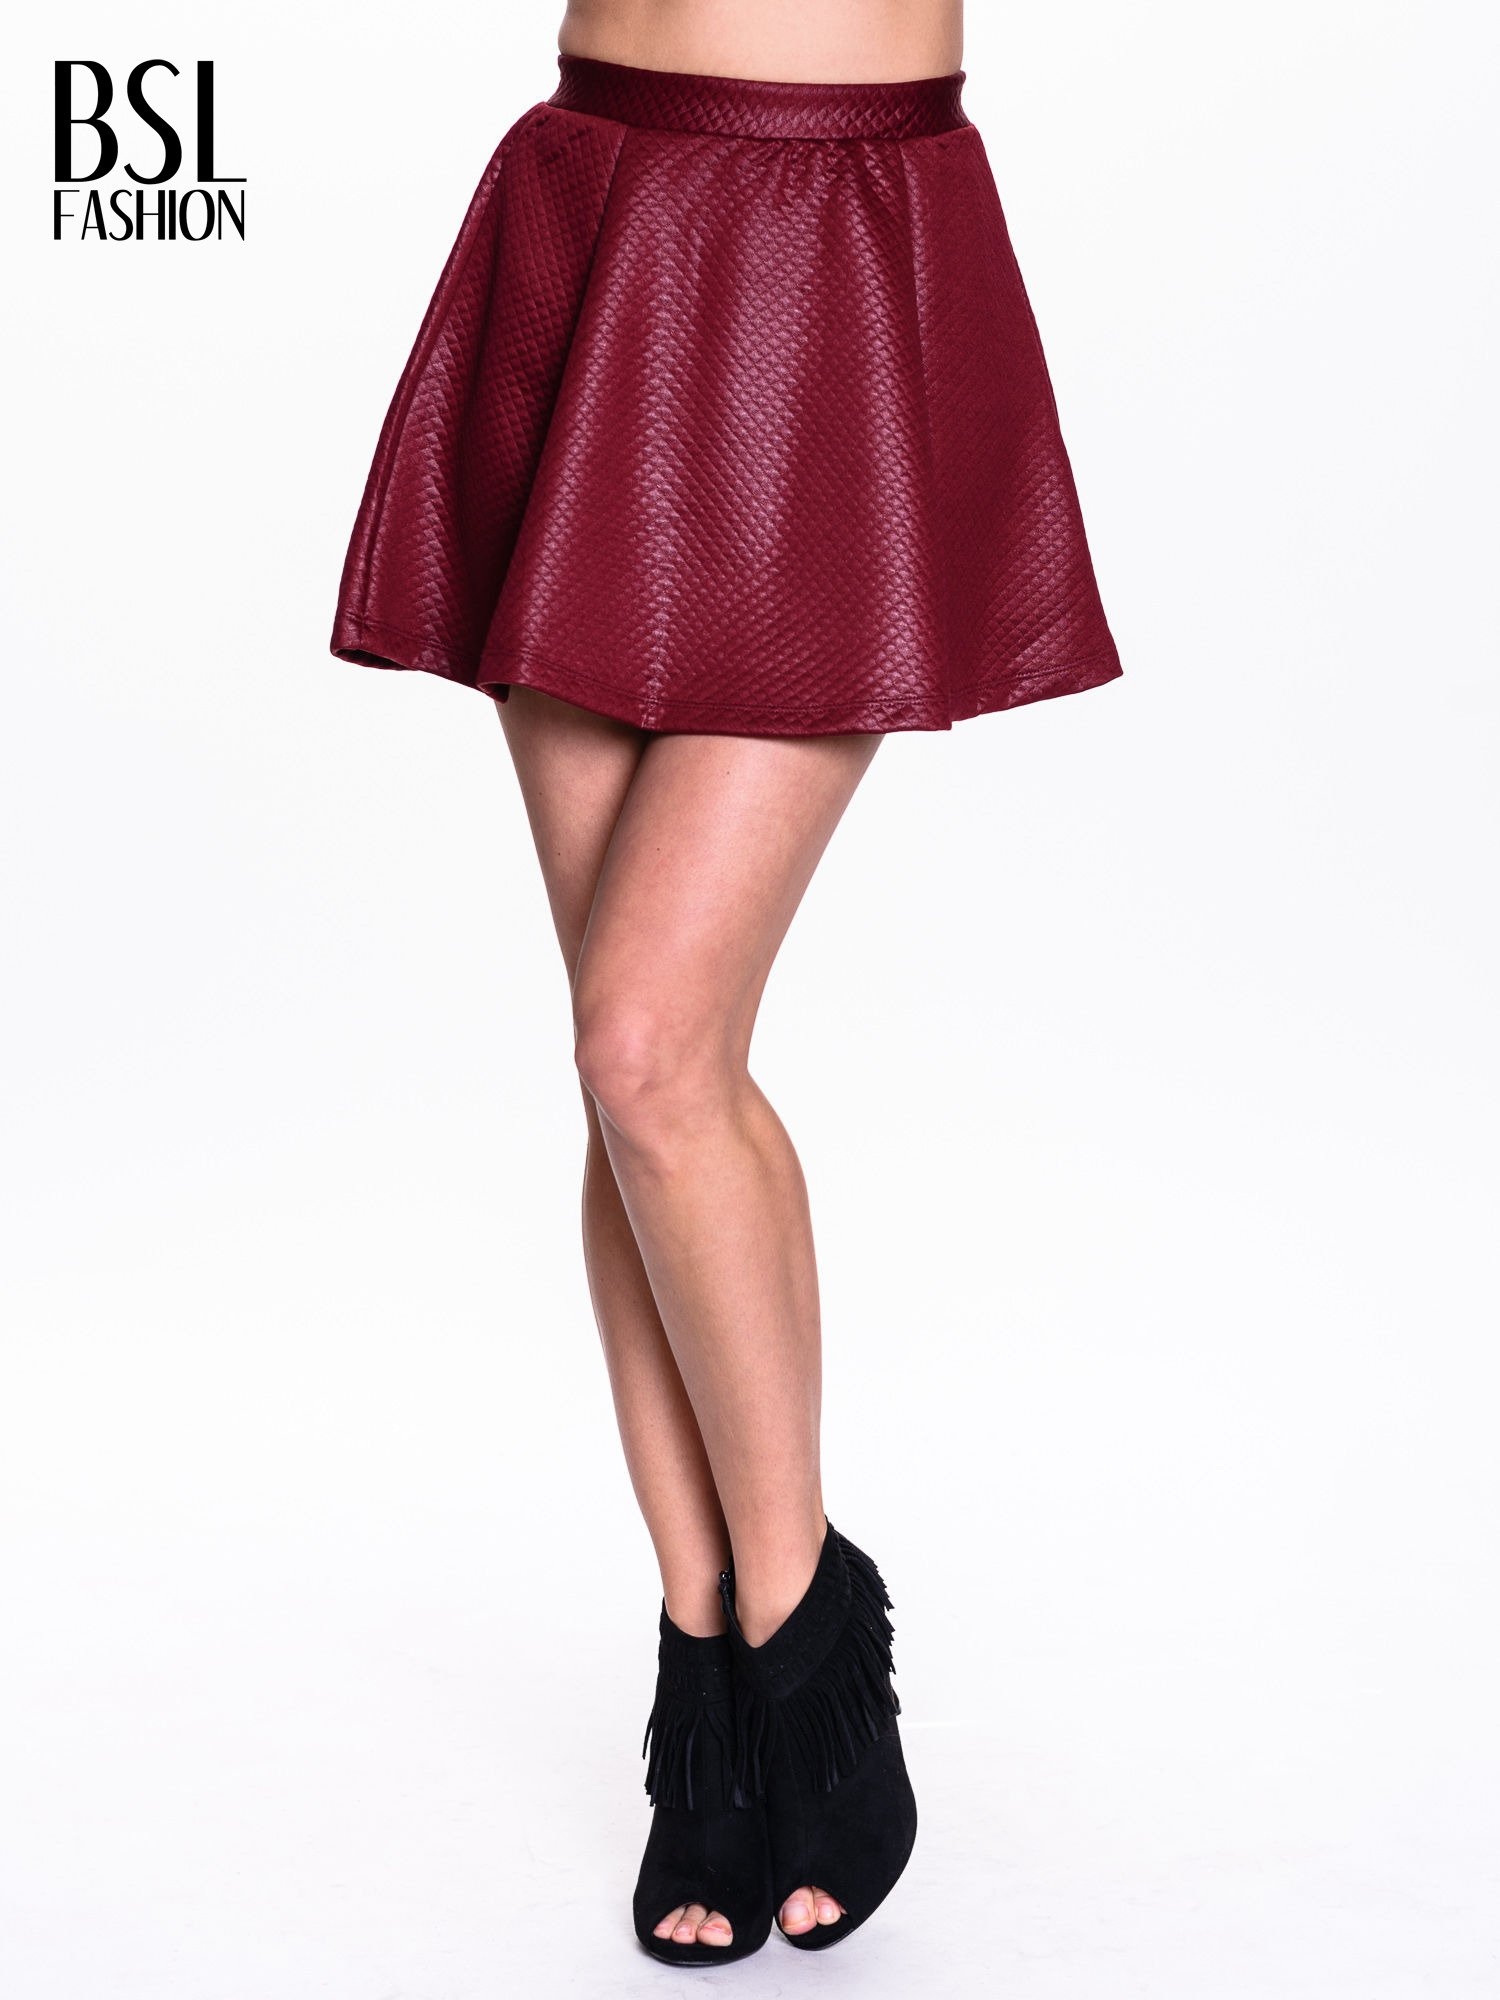 Bordowa pikowana spódnica mini ze skóry                                  zdj.                                  1